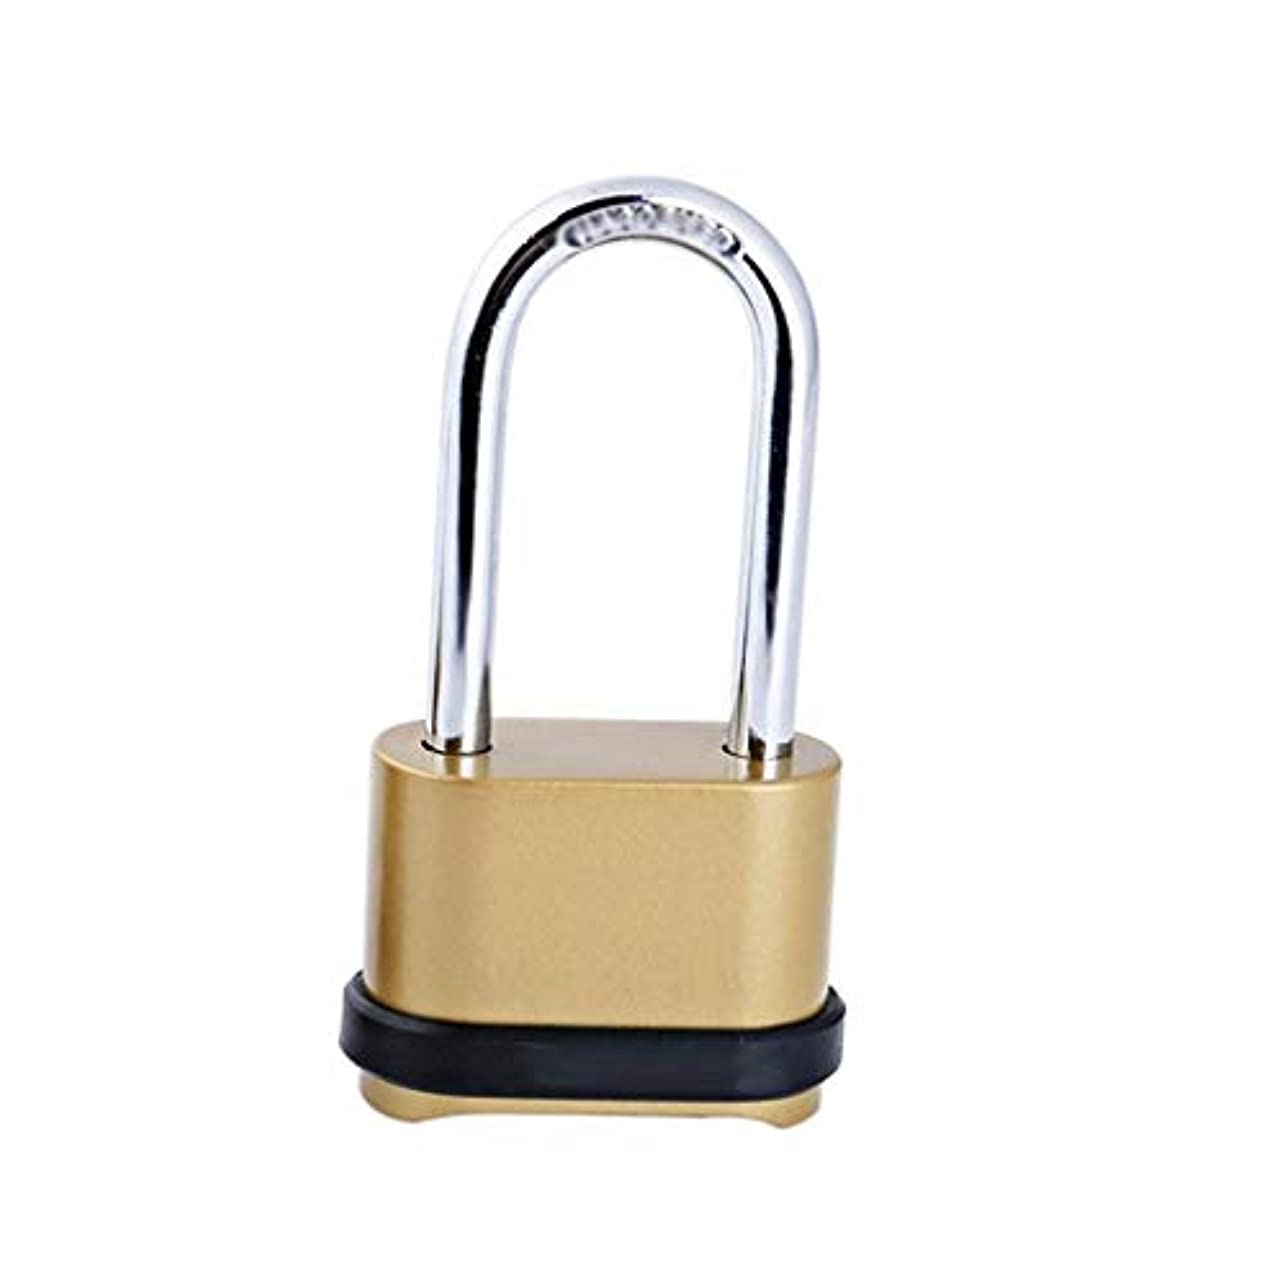 ワックス擬人傷つけるRMXMY 新しいパスワードロックミニ大型南京錠キャビネットロック荷物スーツケーススーツケースドミトリージム子供用荷物盗難防止4桁の組み合わせ